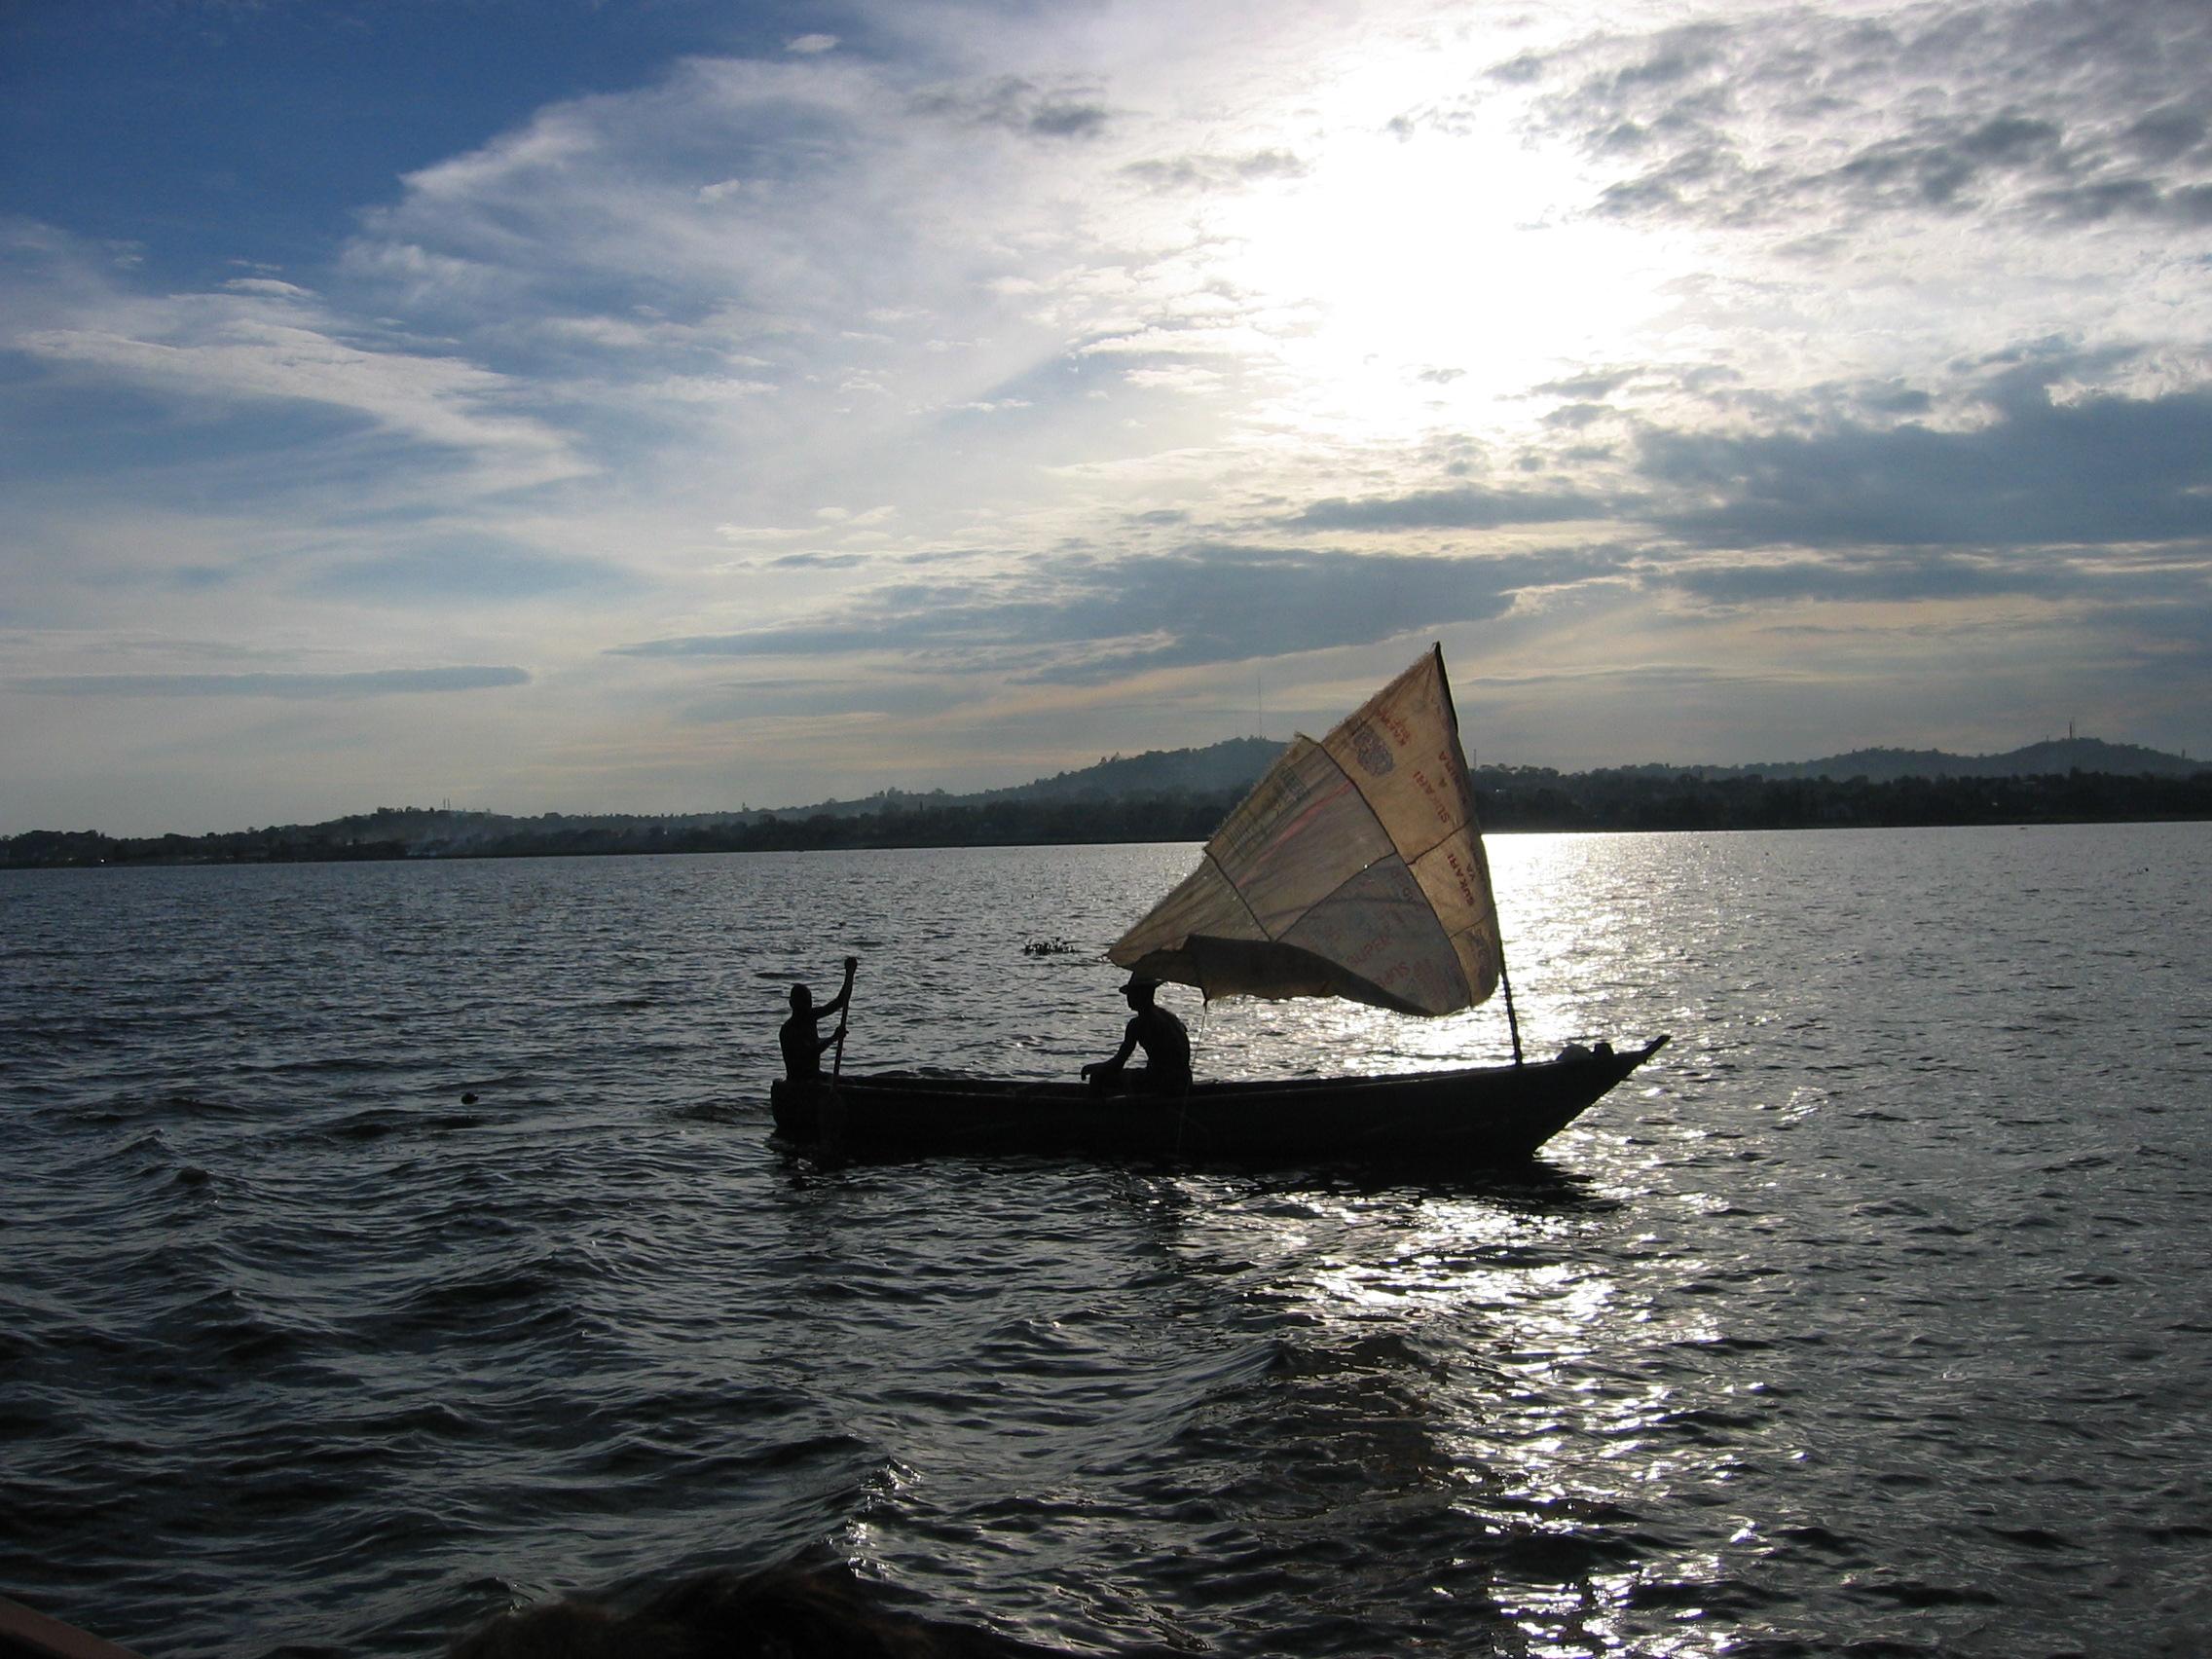 Le Lac Victoria @ wikimedia commons, Damiano Luchetti